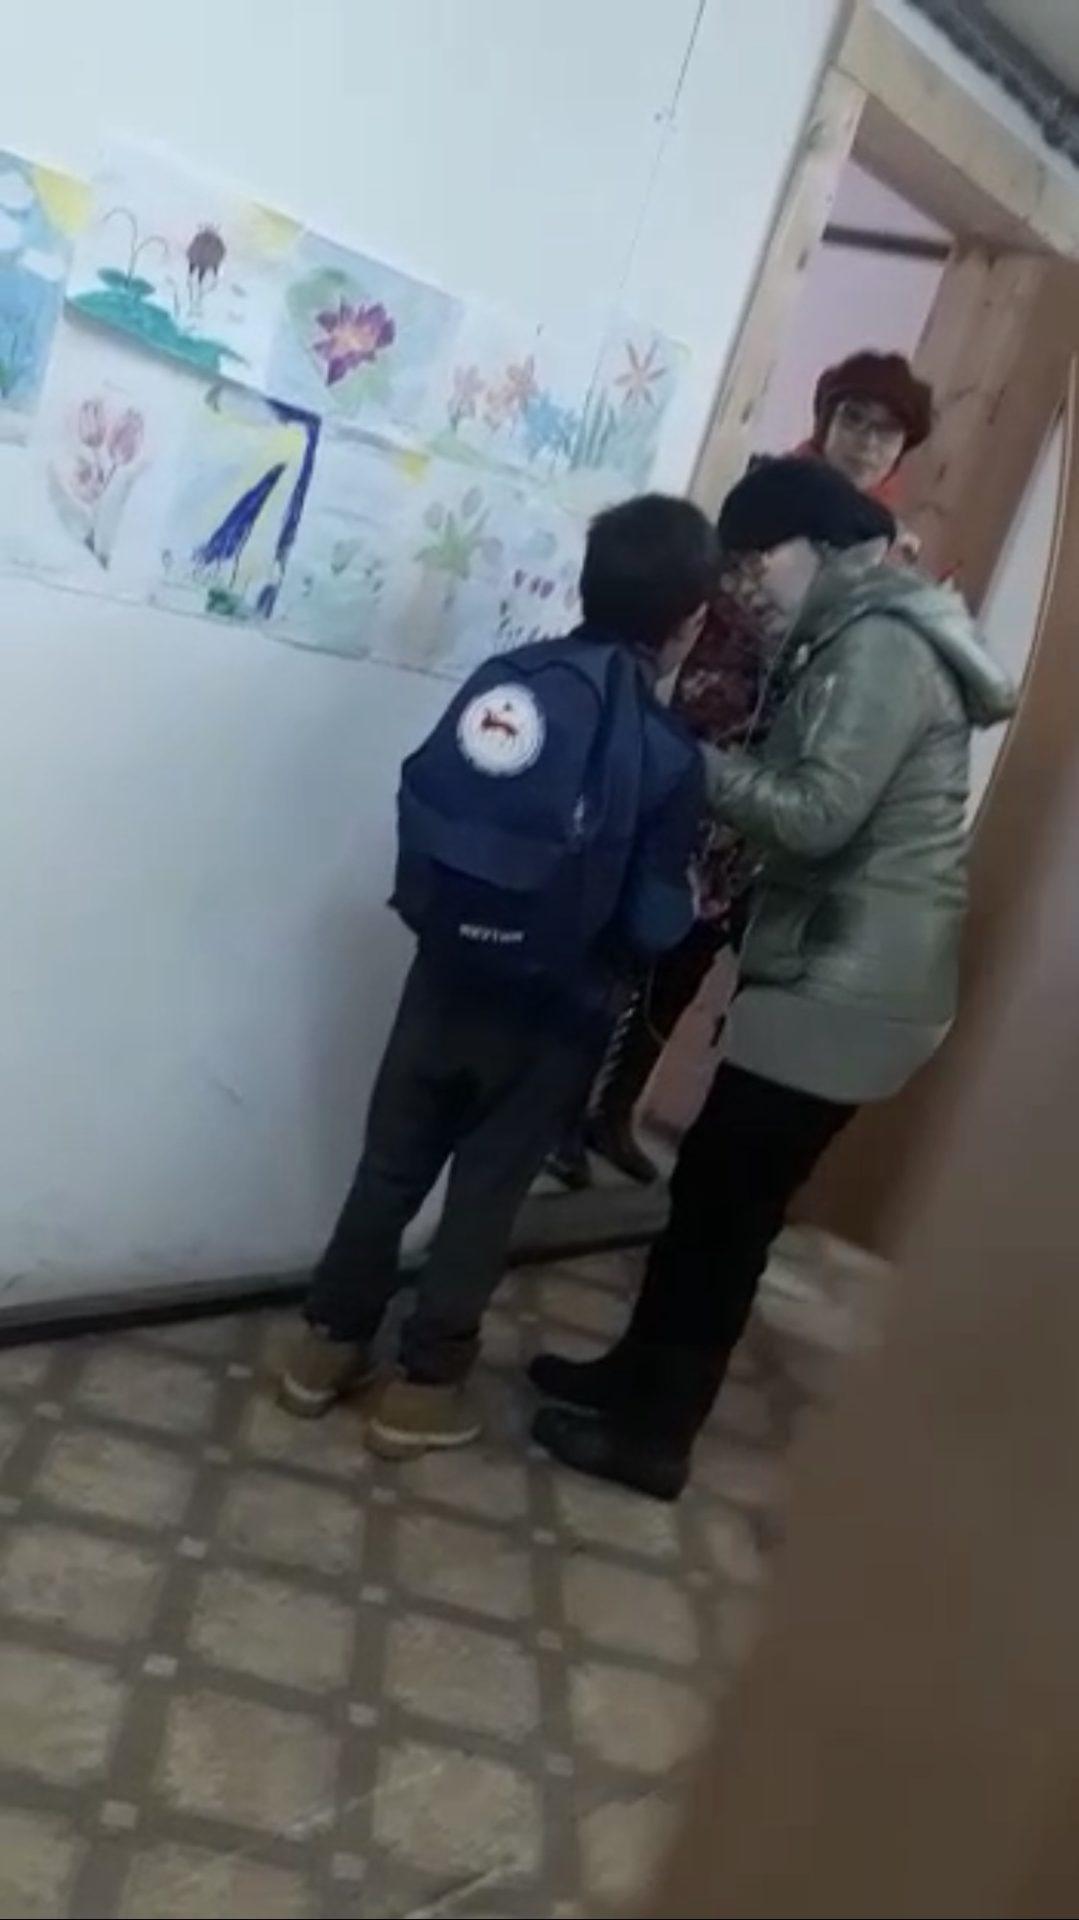 Министр обрнауки Якутии прокомментировал инцидент, произошедший в Сунтарском улусе